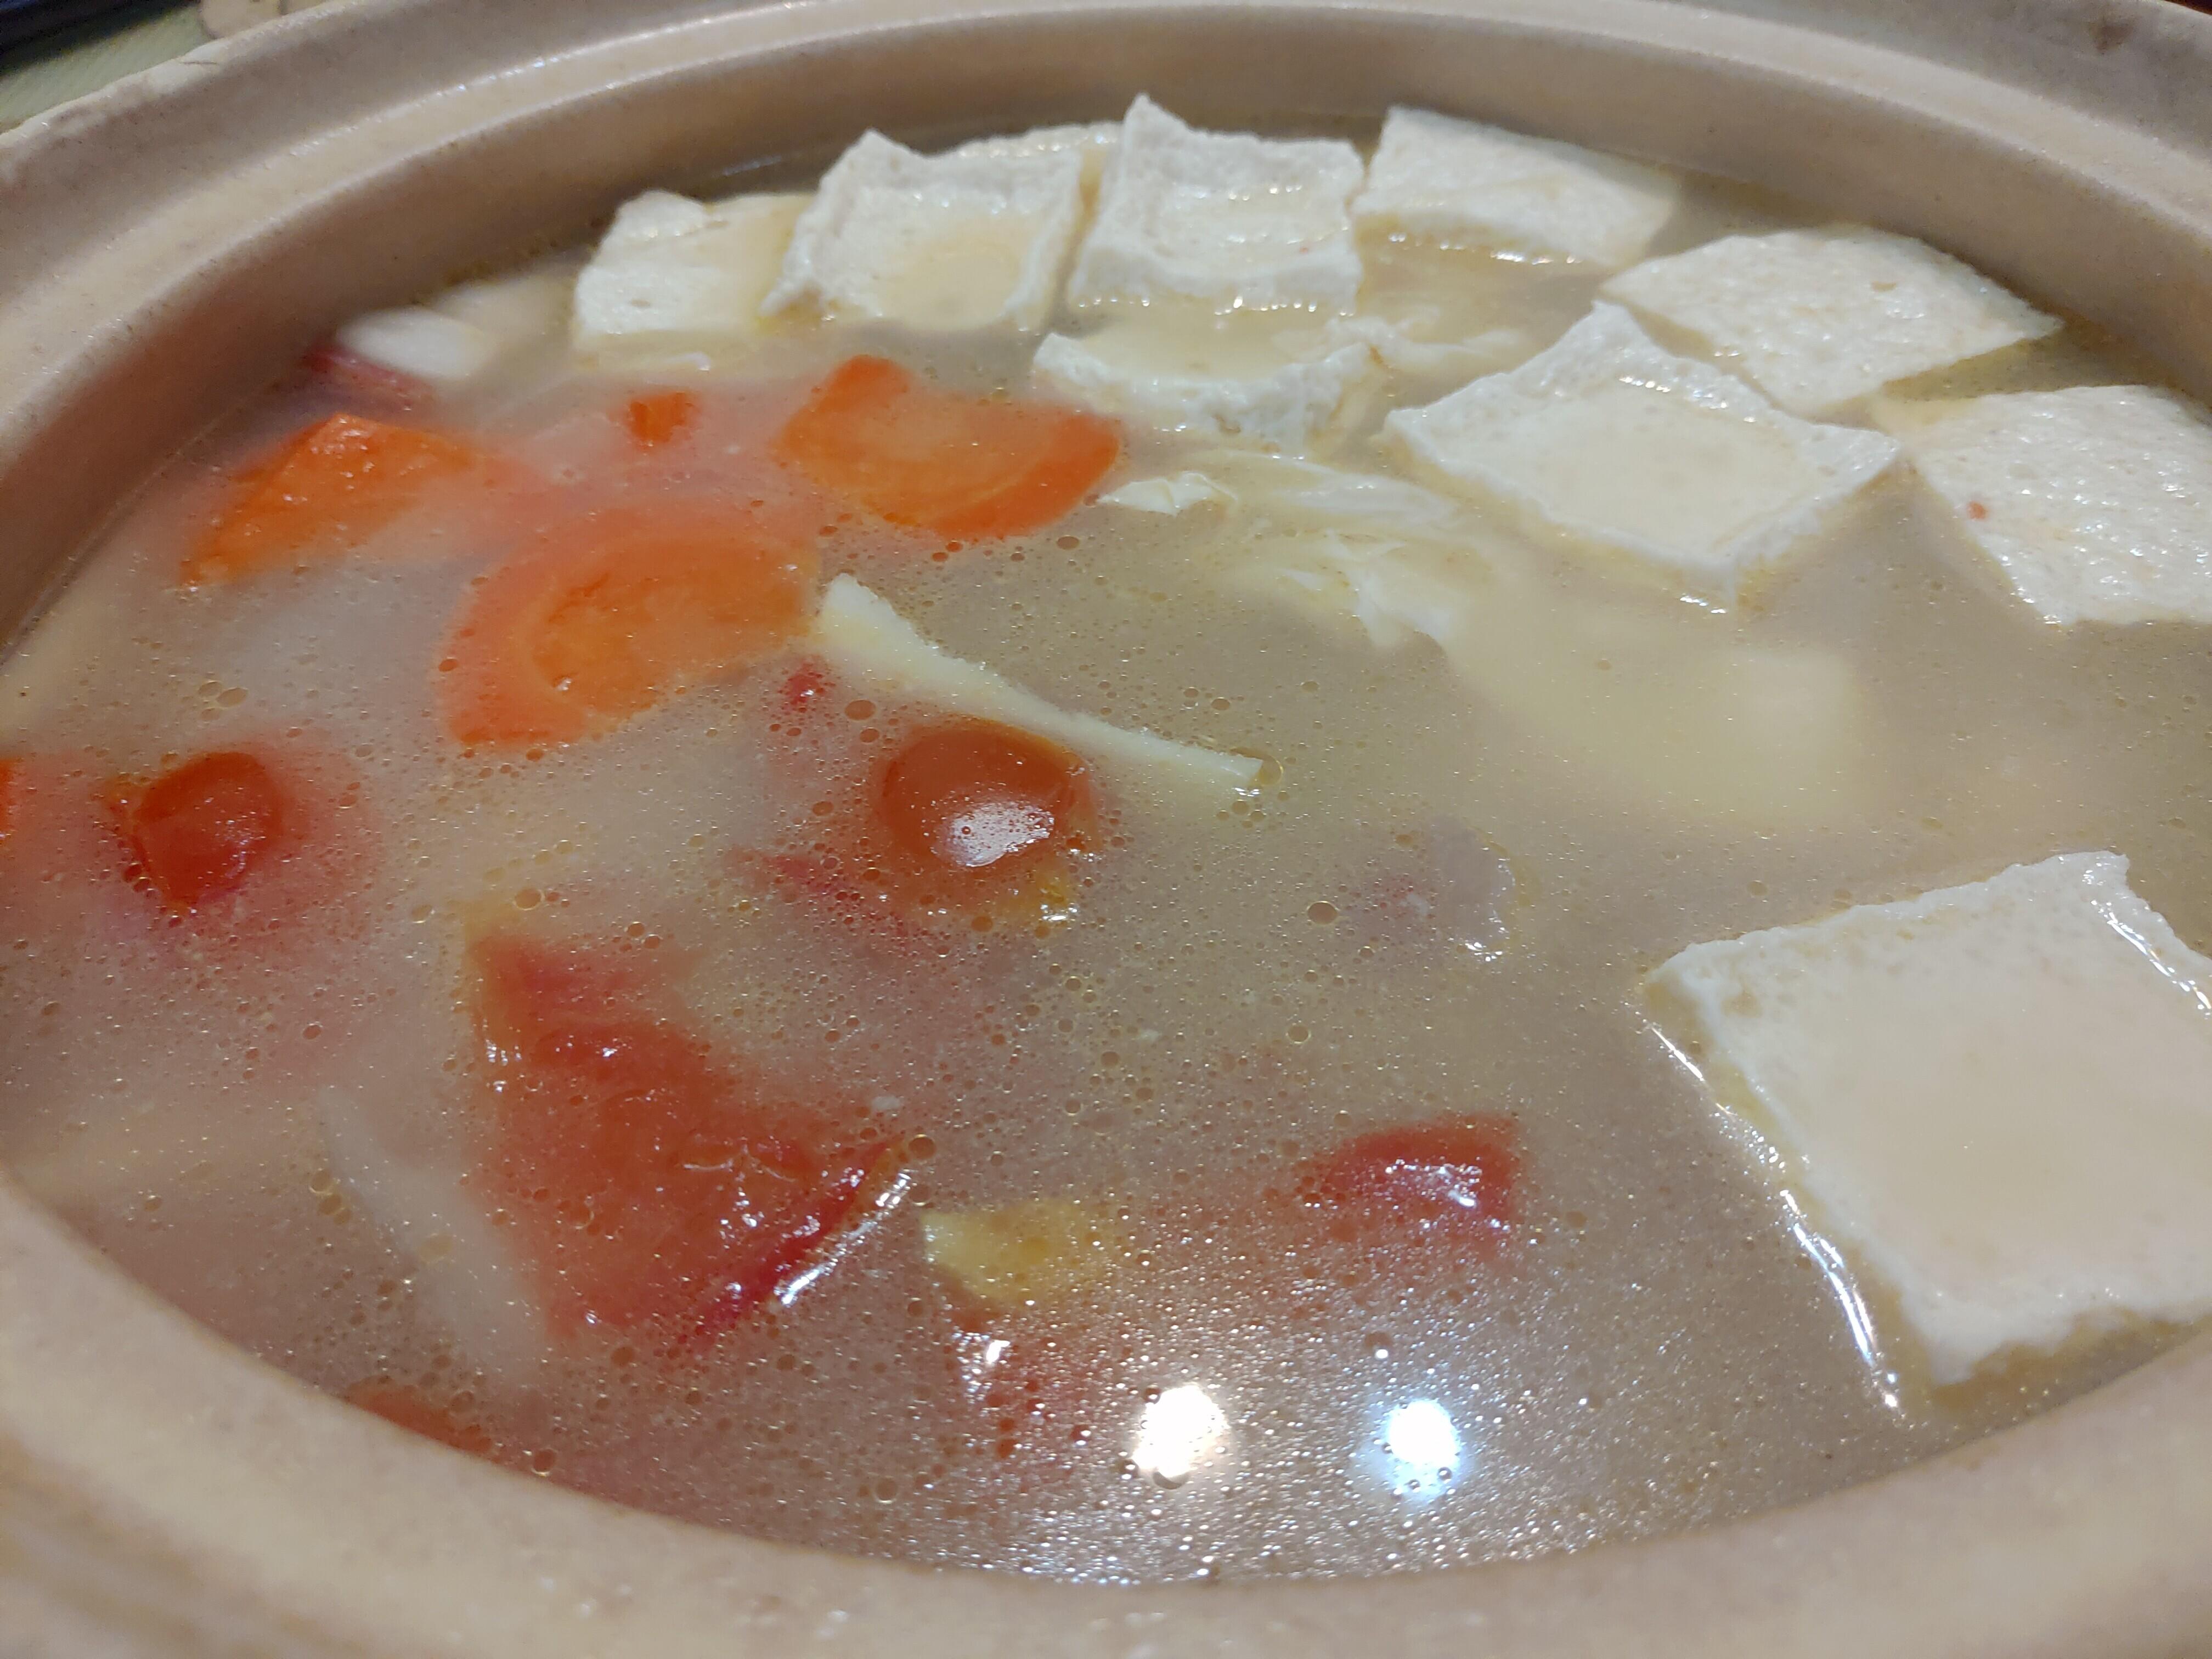 【食譜】醃篤鮮|在家也能簡單做的上海名湯